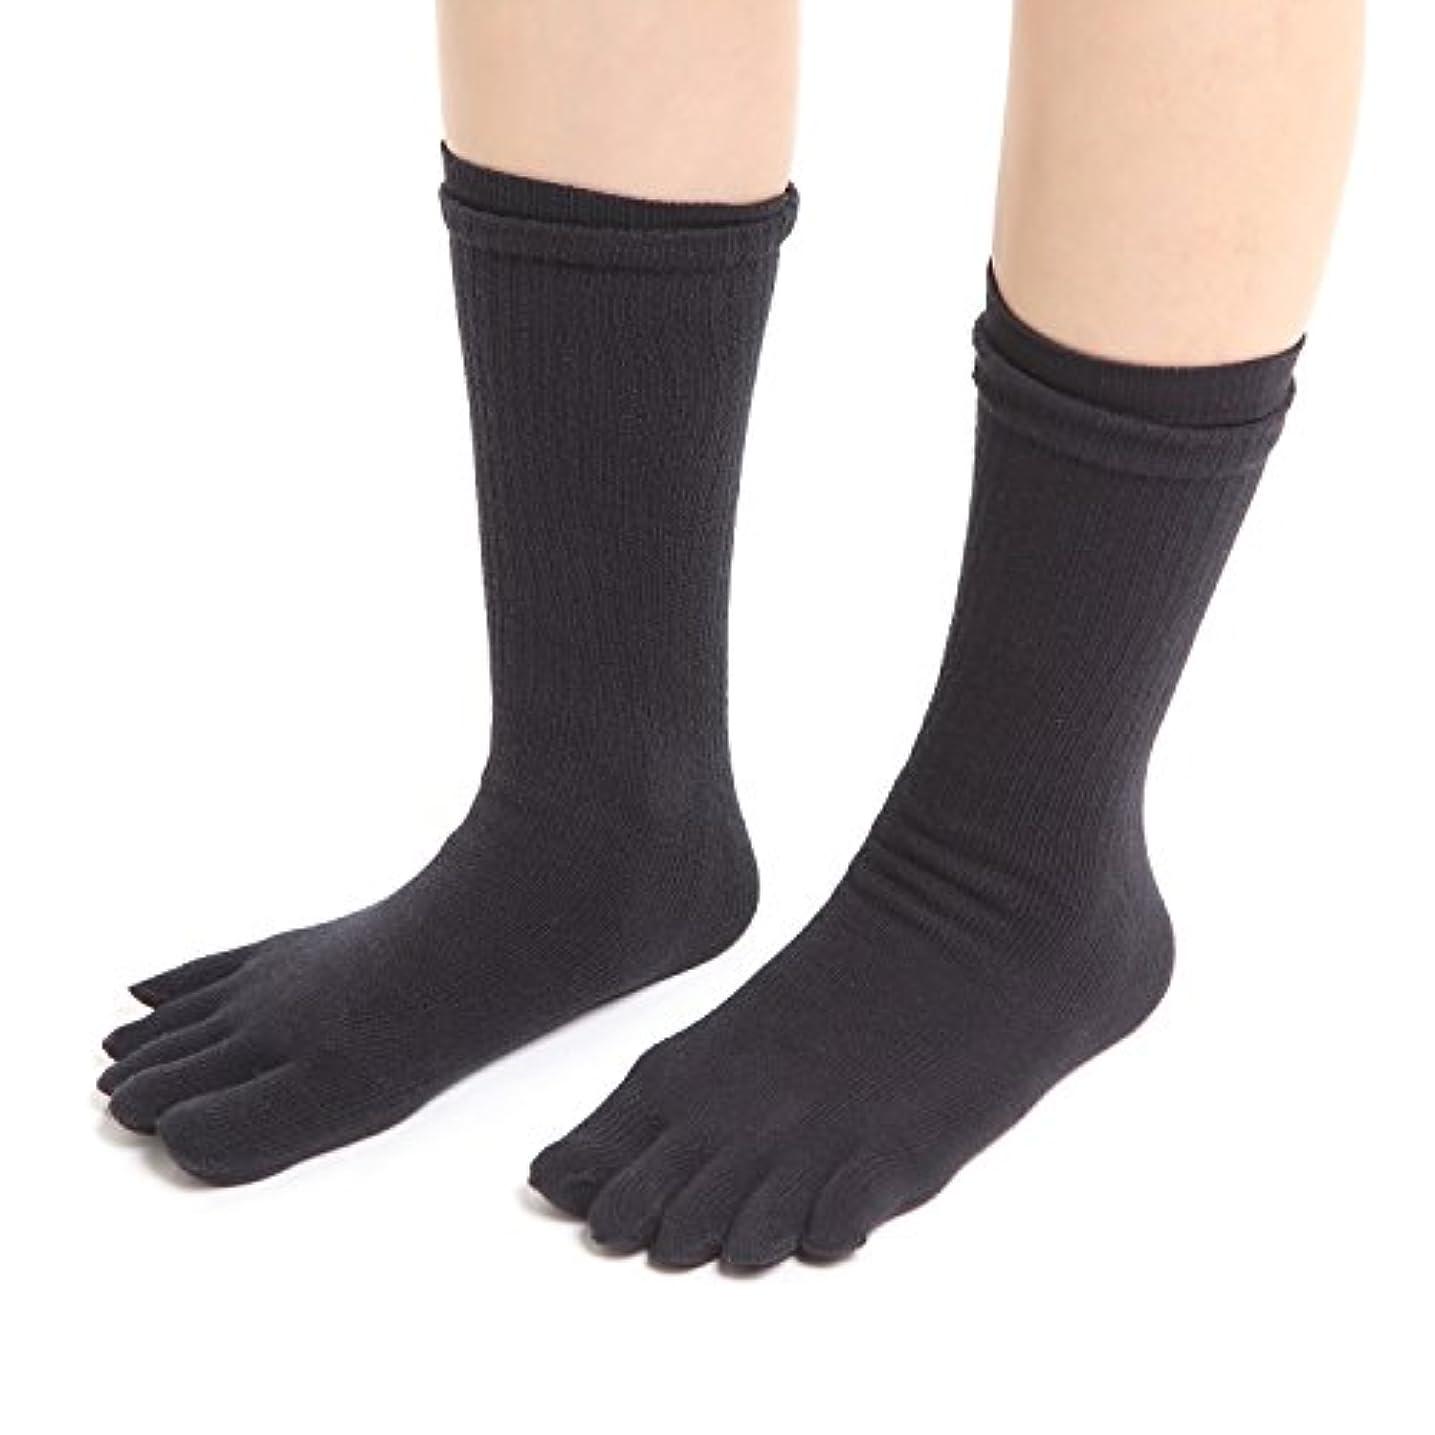 手順トークン促すNANA 初心者向け冷えとり靴下 内シルク外コットンソックス 2足セット 5本指ソックス フリーサイズ シルク (黒)